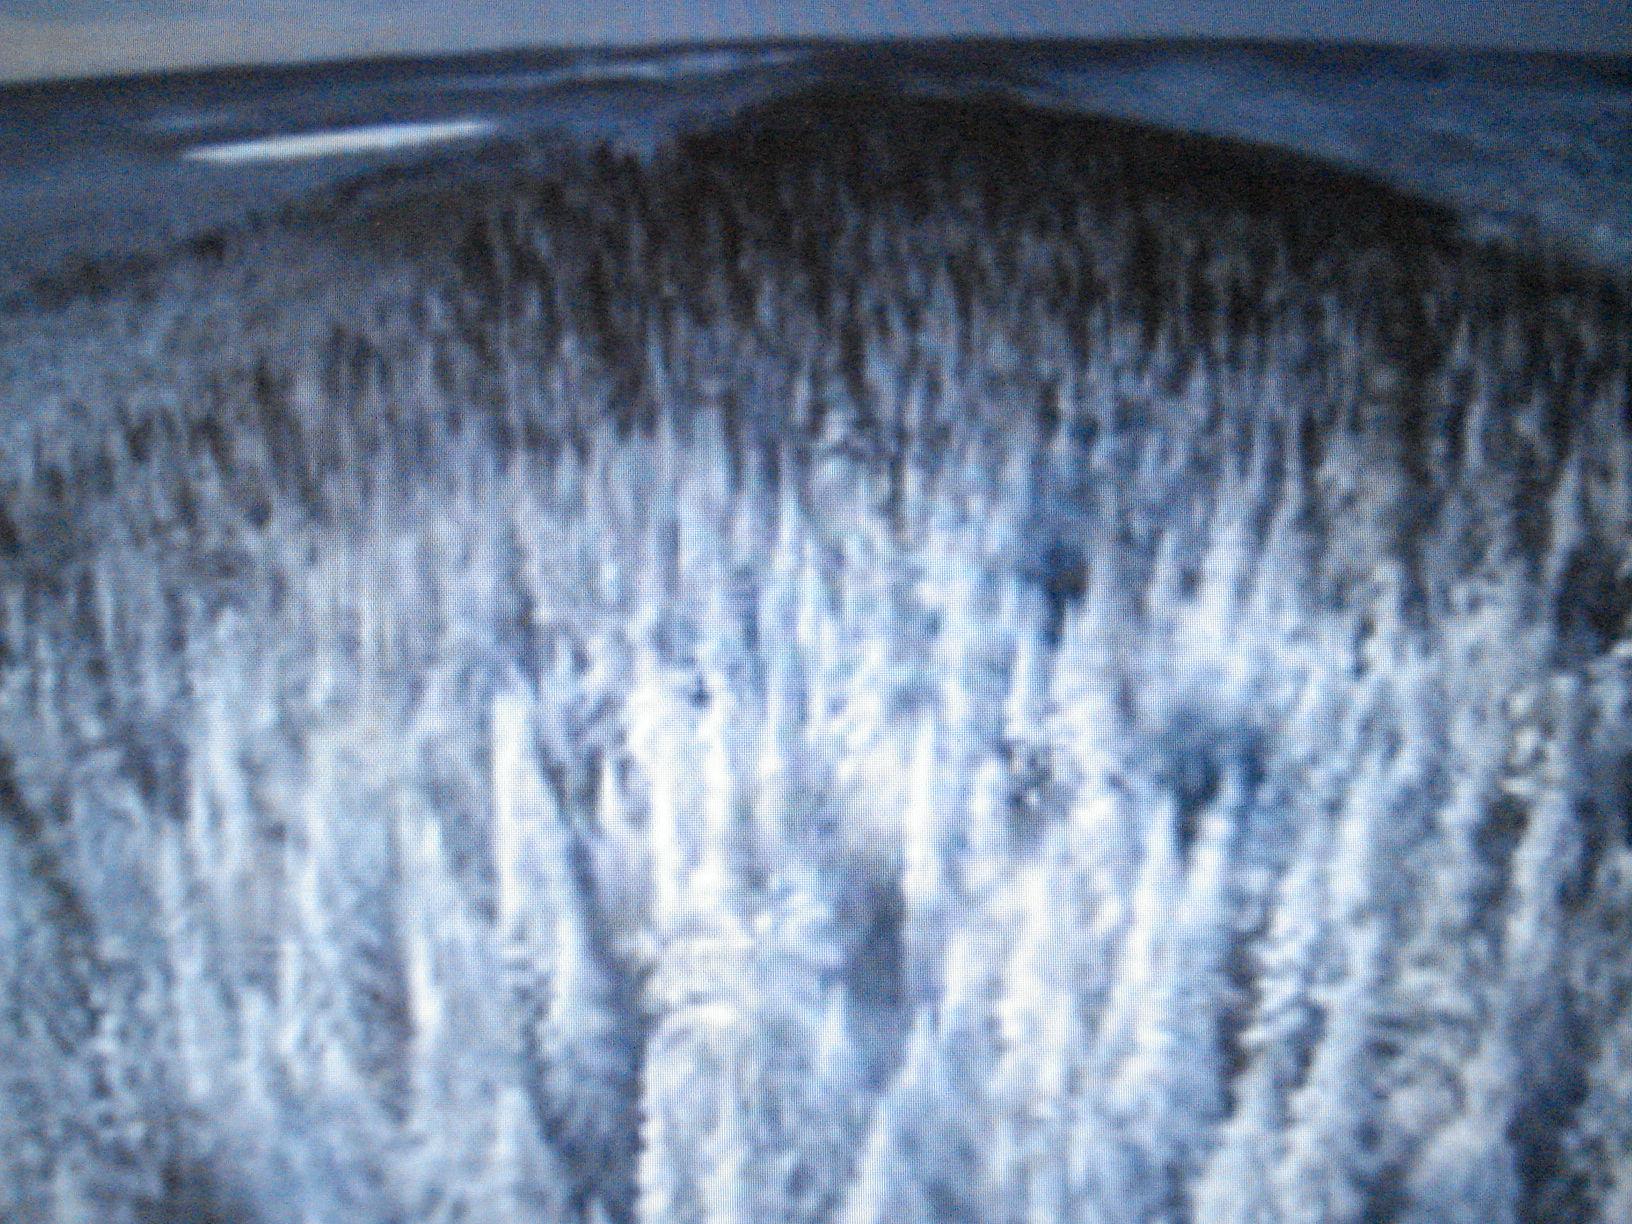 La tundra, el bosque gigantesco de finas maderas que aun se preserva en parte, y resulta como el amazonas que sí está en disminución por la tala excesiva, son el pulmón de la tierra, generando el necesario oxígeno, y capturando el carbono del CO2.